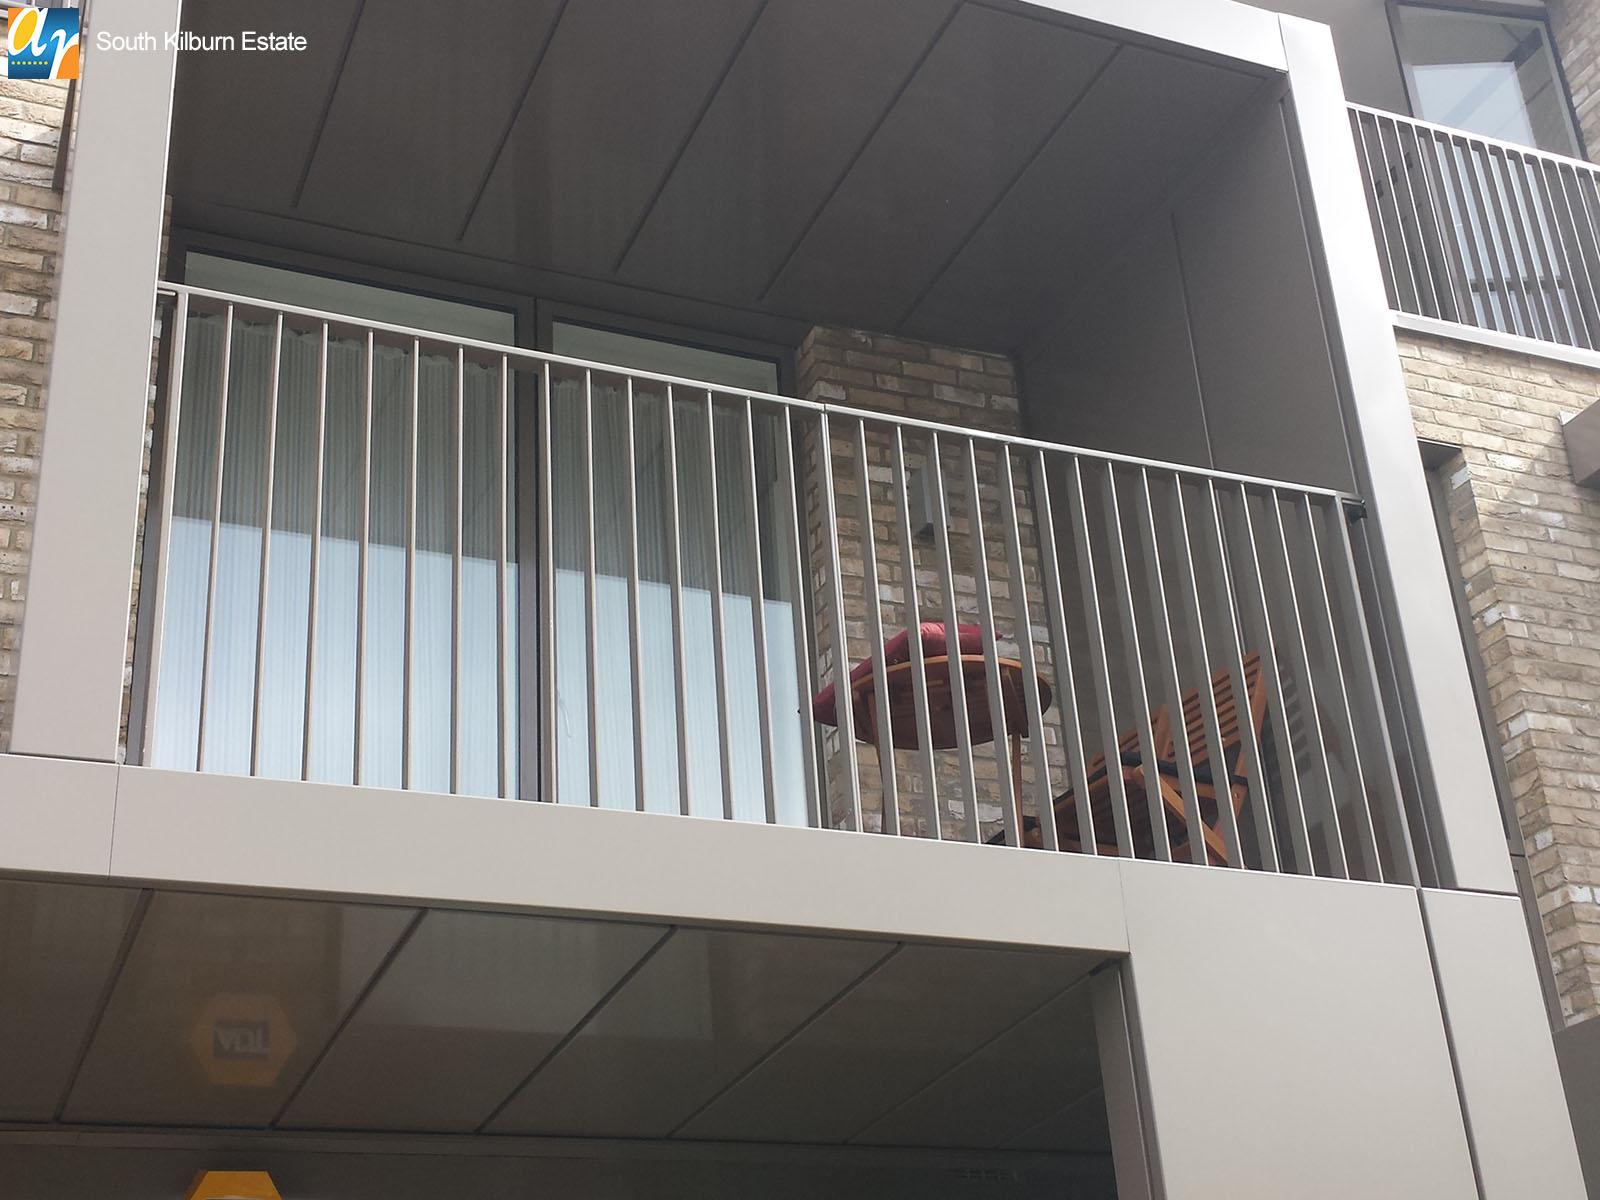 South Kilburn Estate metal balustrade